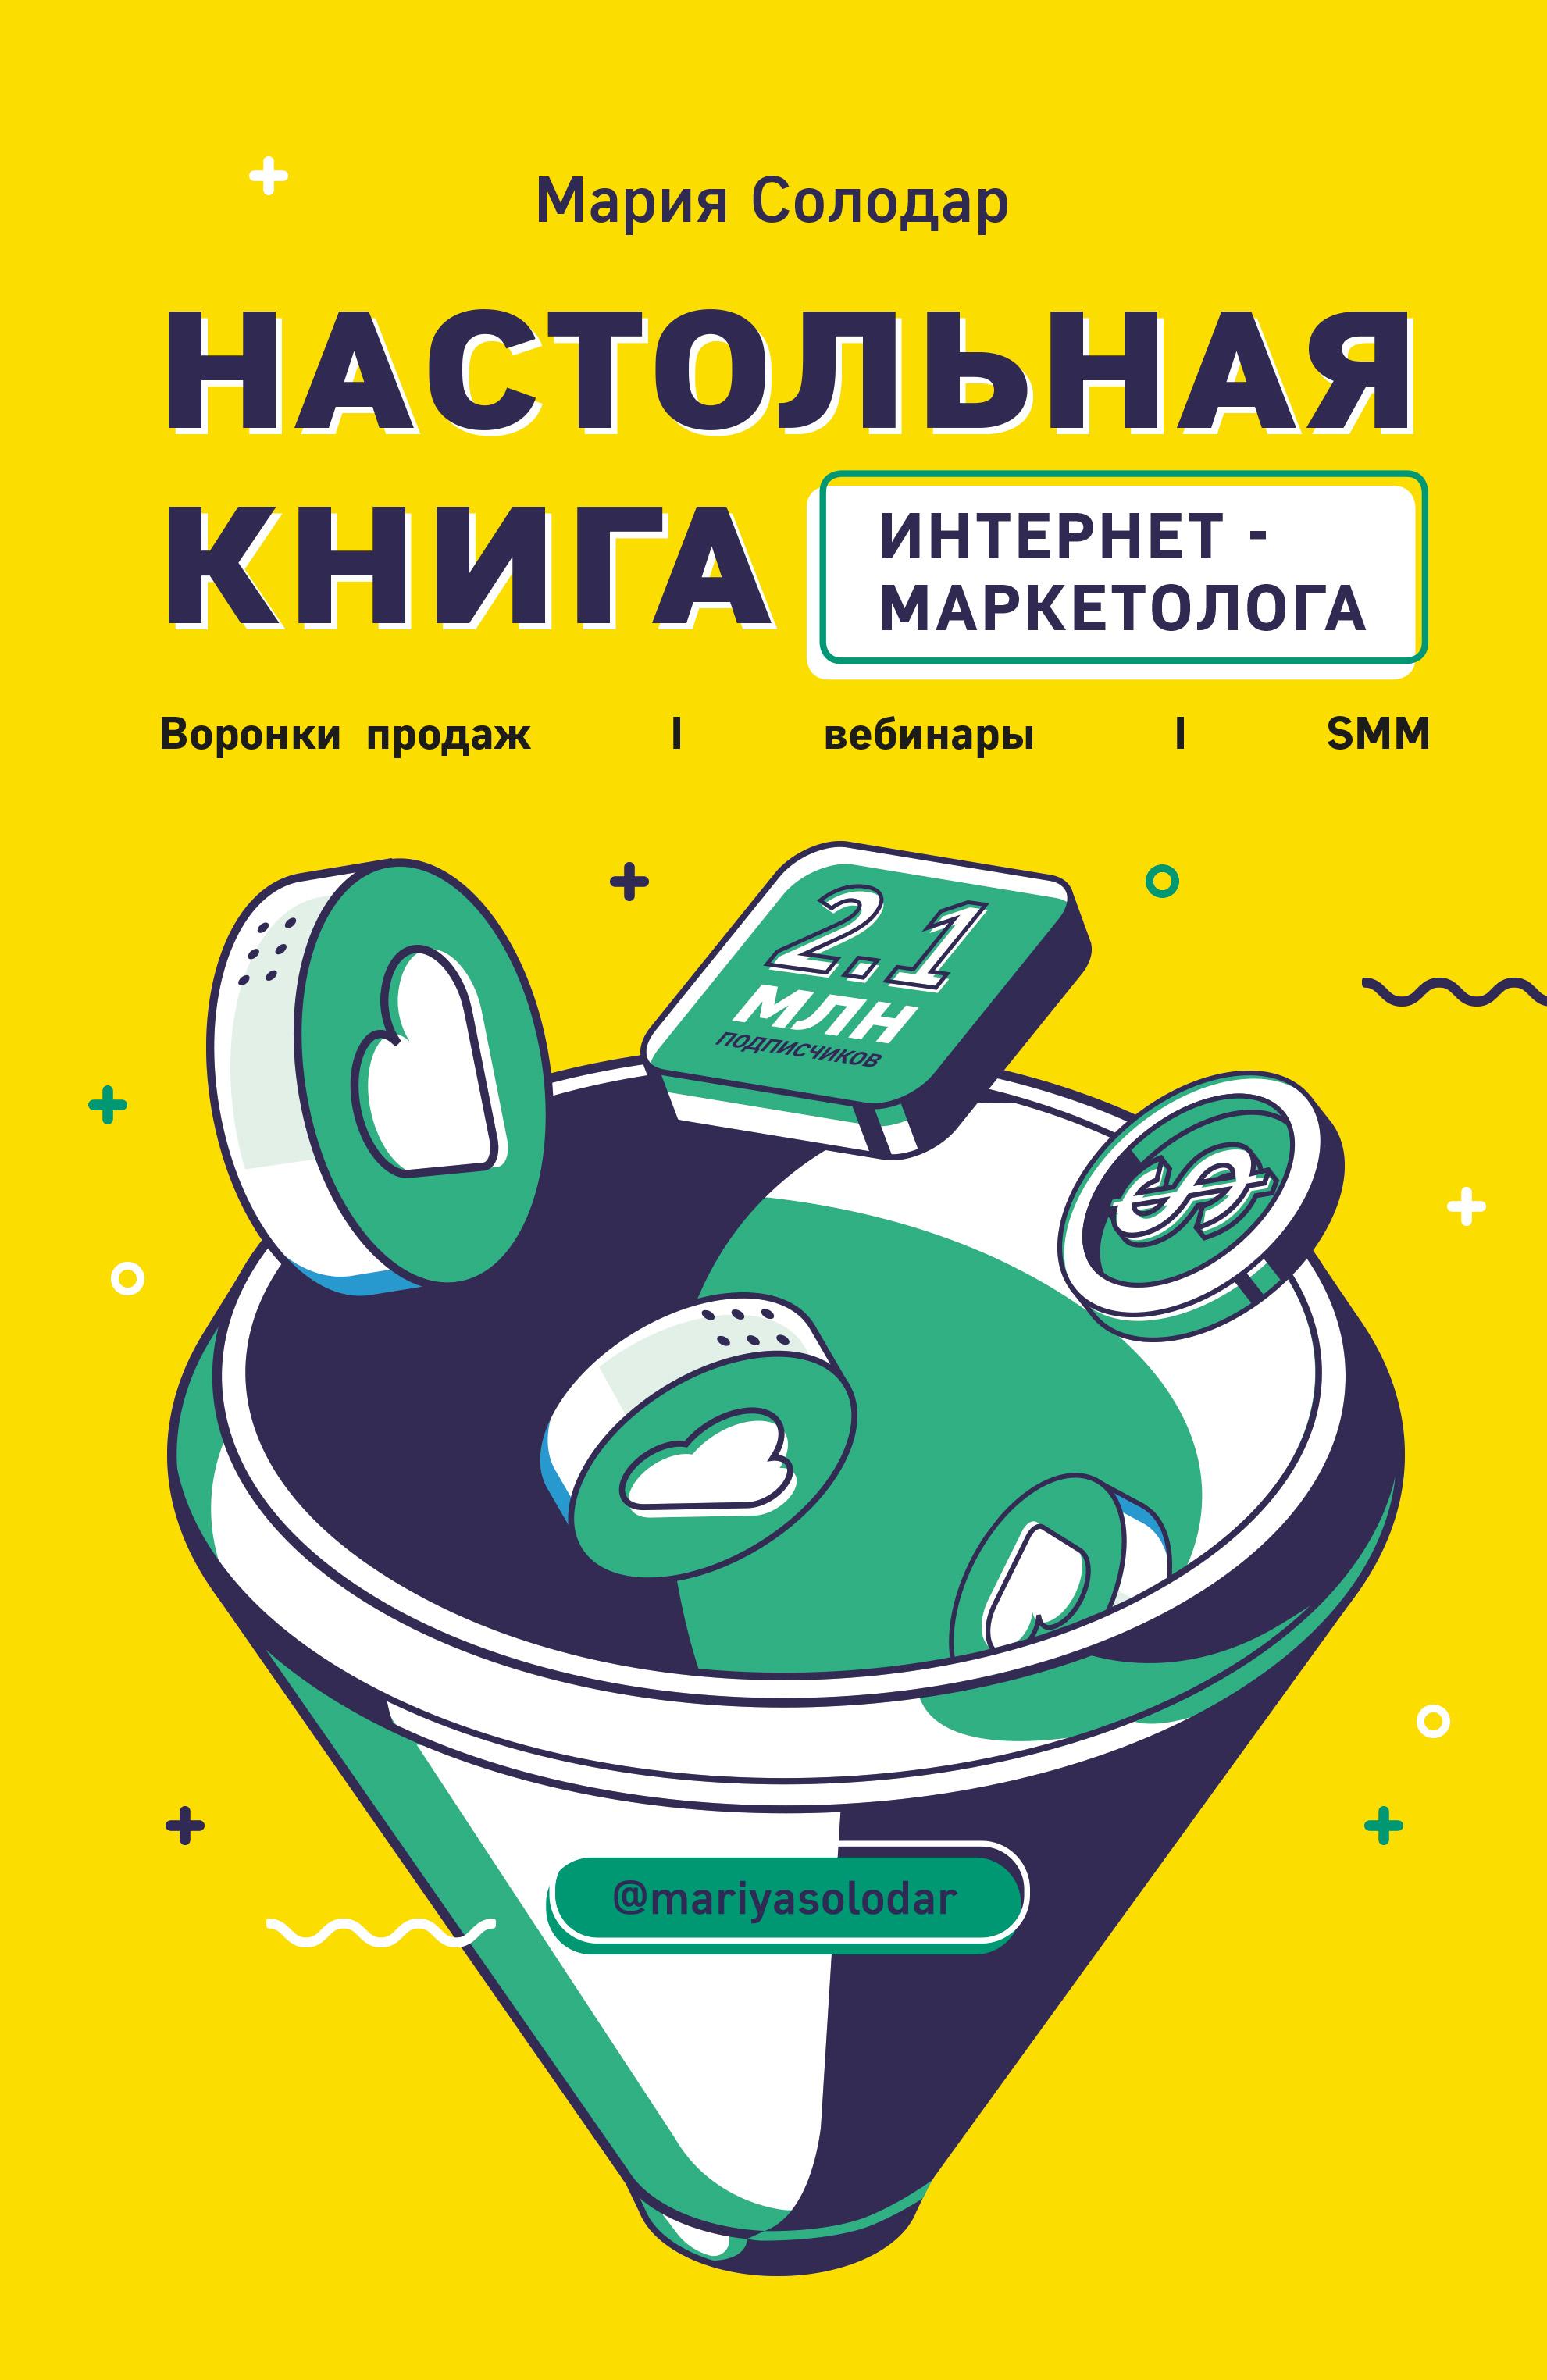 Купить книгу Настольная книга интернет-маркетолога. Воронки продаж, вебинары, SMM, автора Марии Солодар